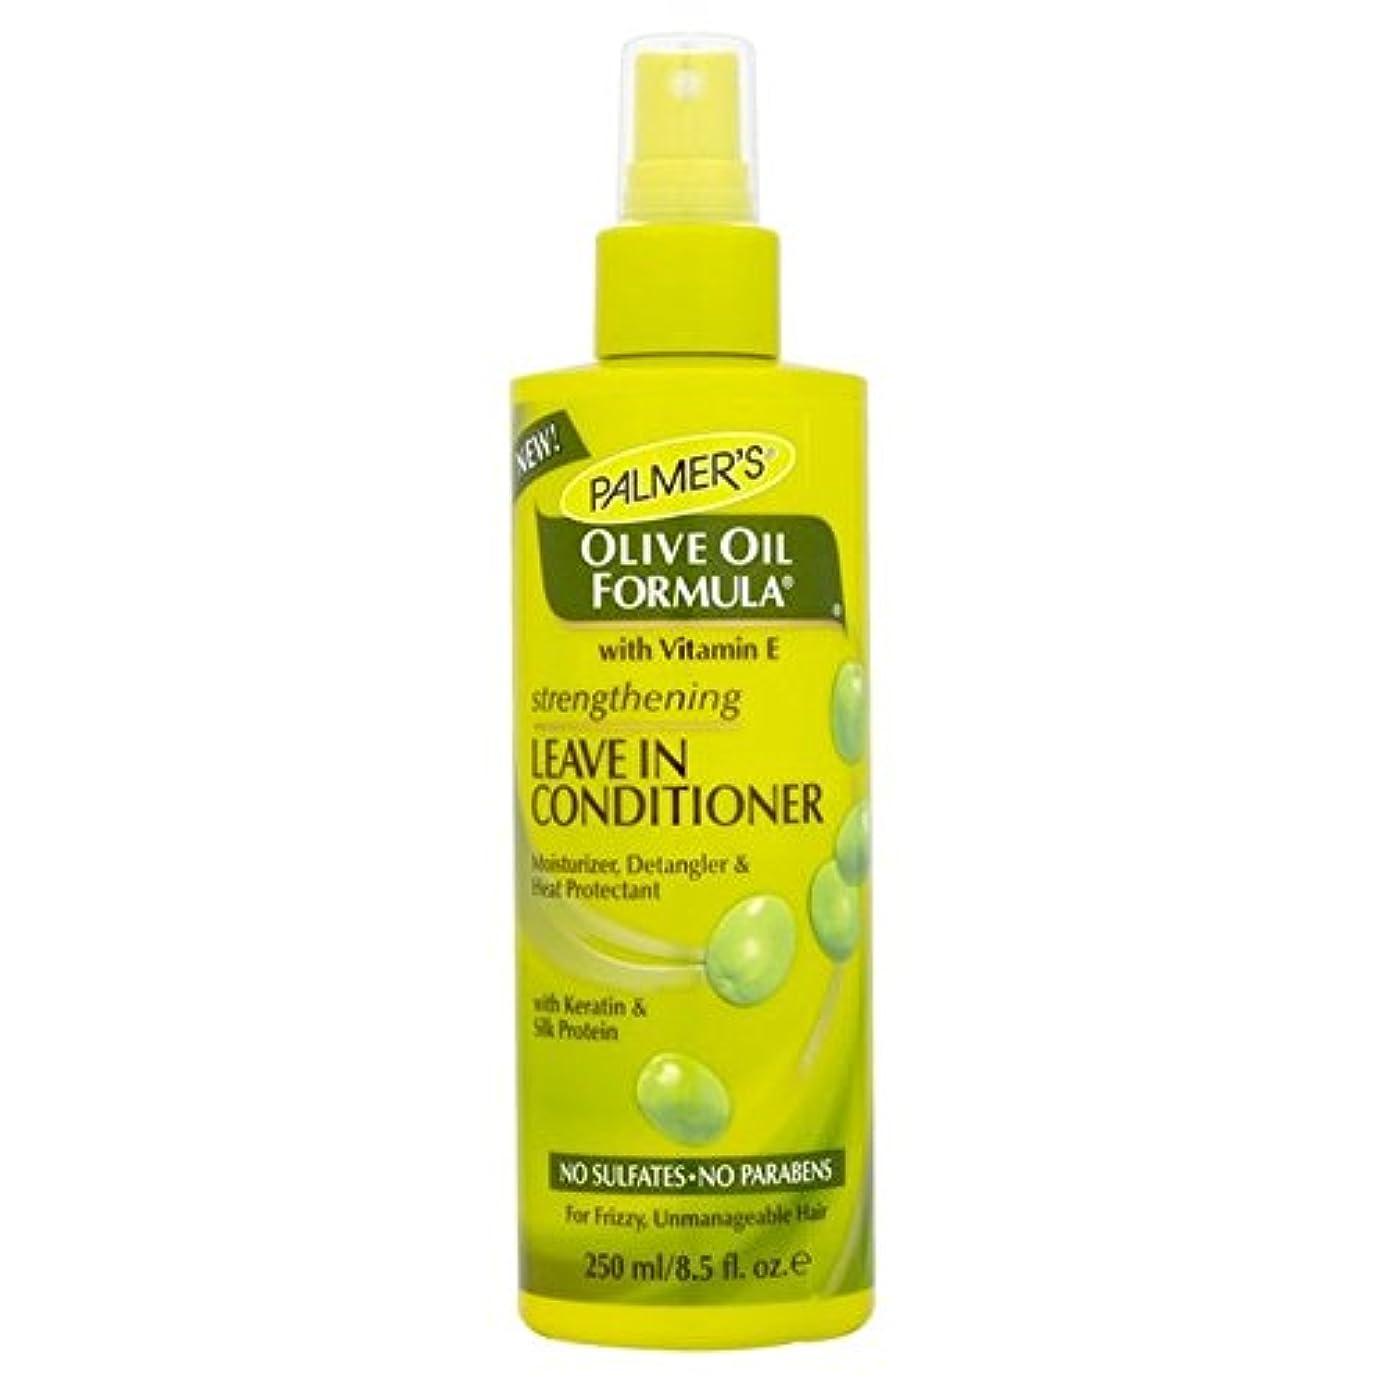 衛星風邪をひく代理店リーブインコンディショナー250を強化パーマーのオリーブオイル式 x2 - Palmer's Olive Oil Formula Strengthening Leave-in Conditioner 250ml (Pack...